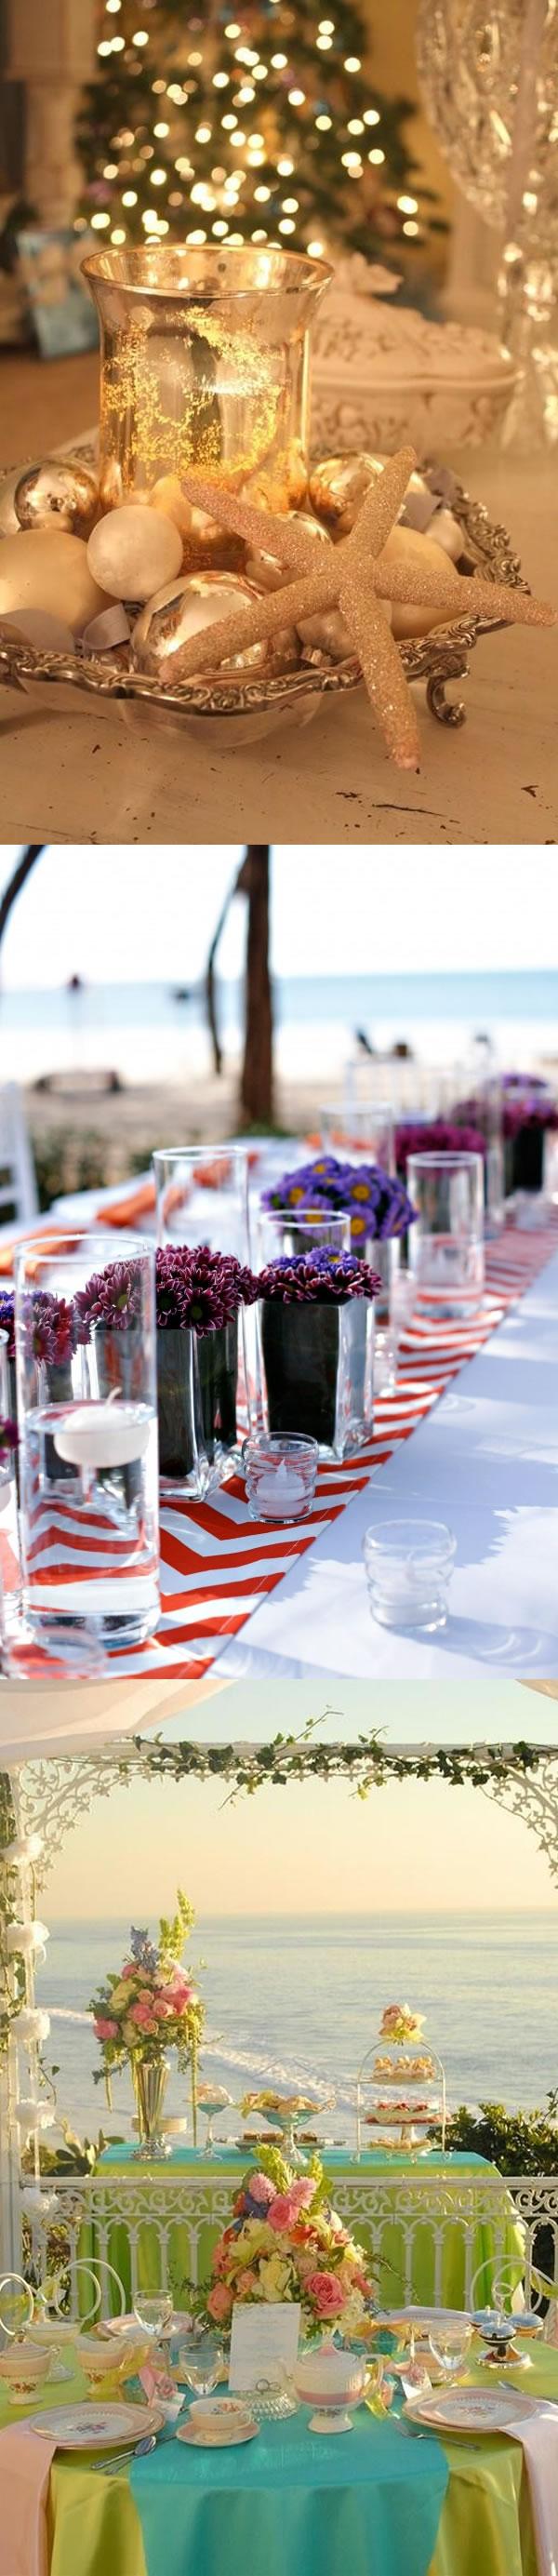 Outdoor wedding decor beach wedding table decor ideas beach outdoor wedding decor beach wedding table decor ideas junglespirit Gallery